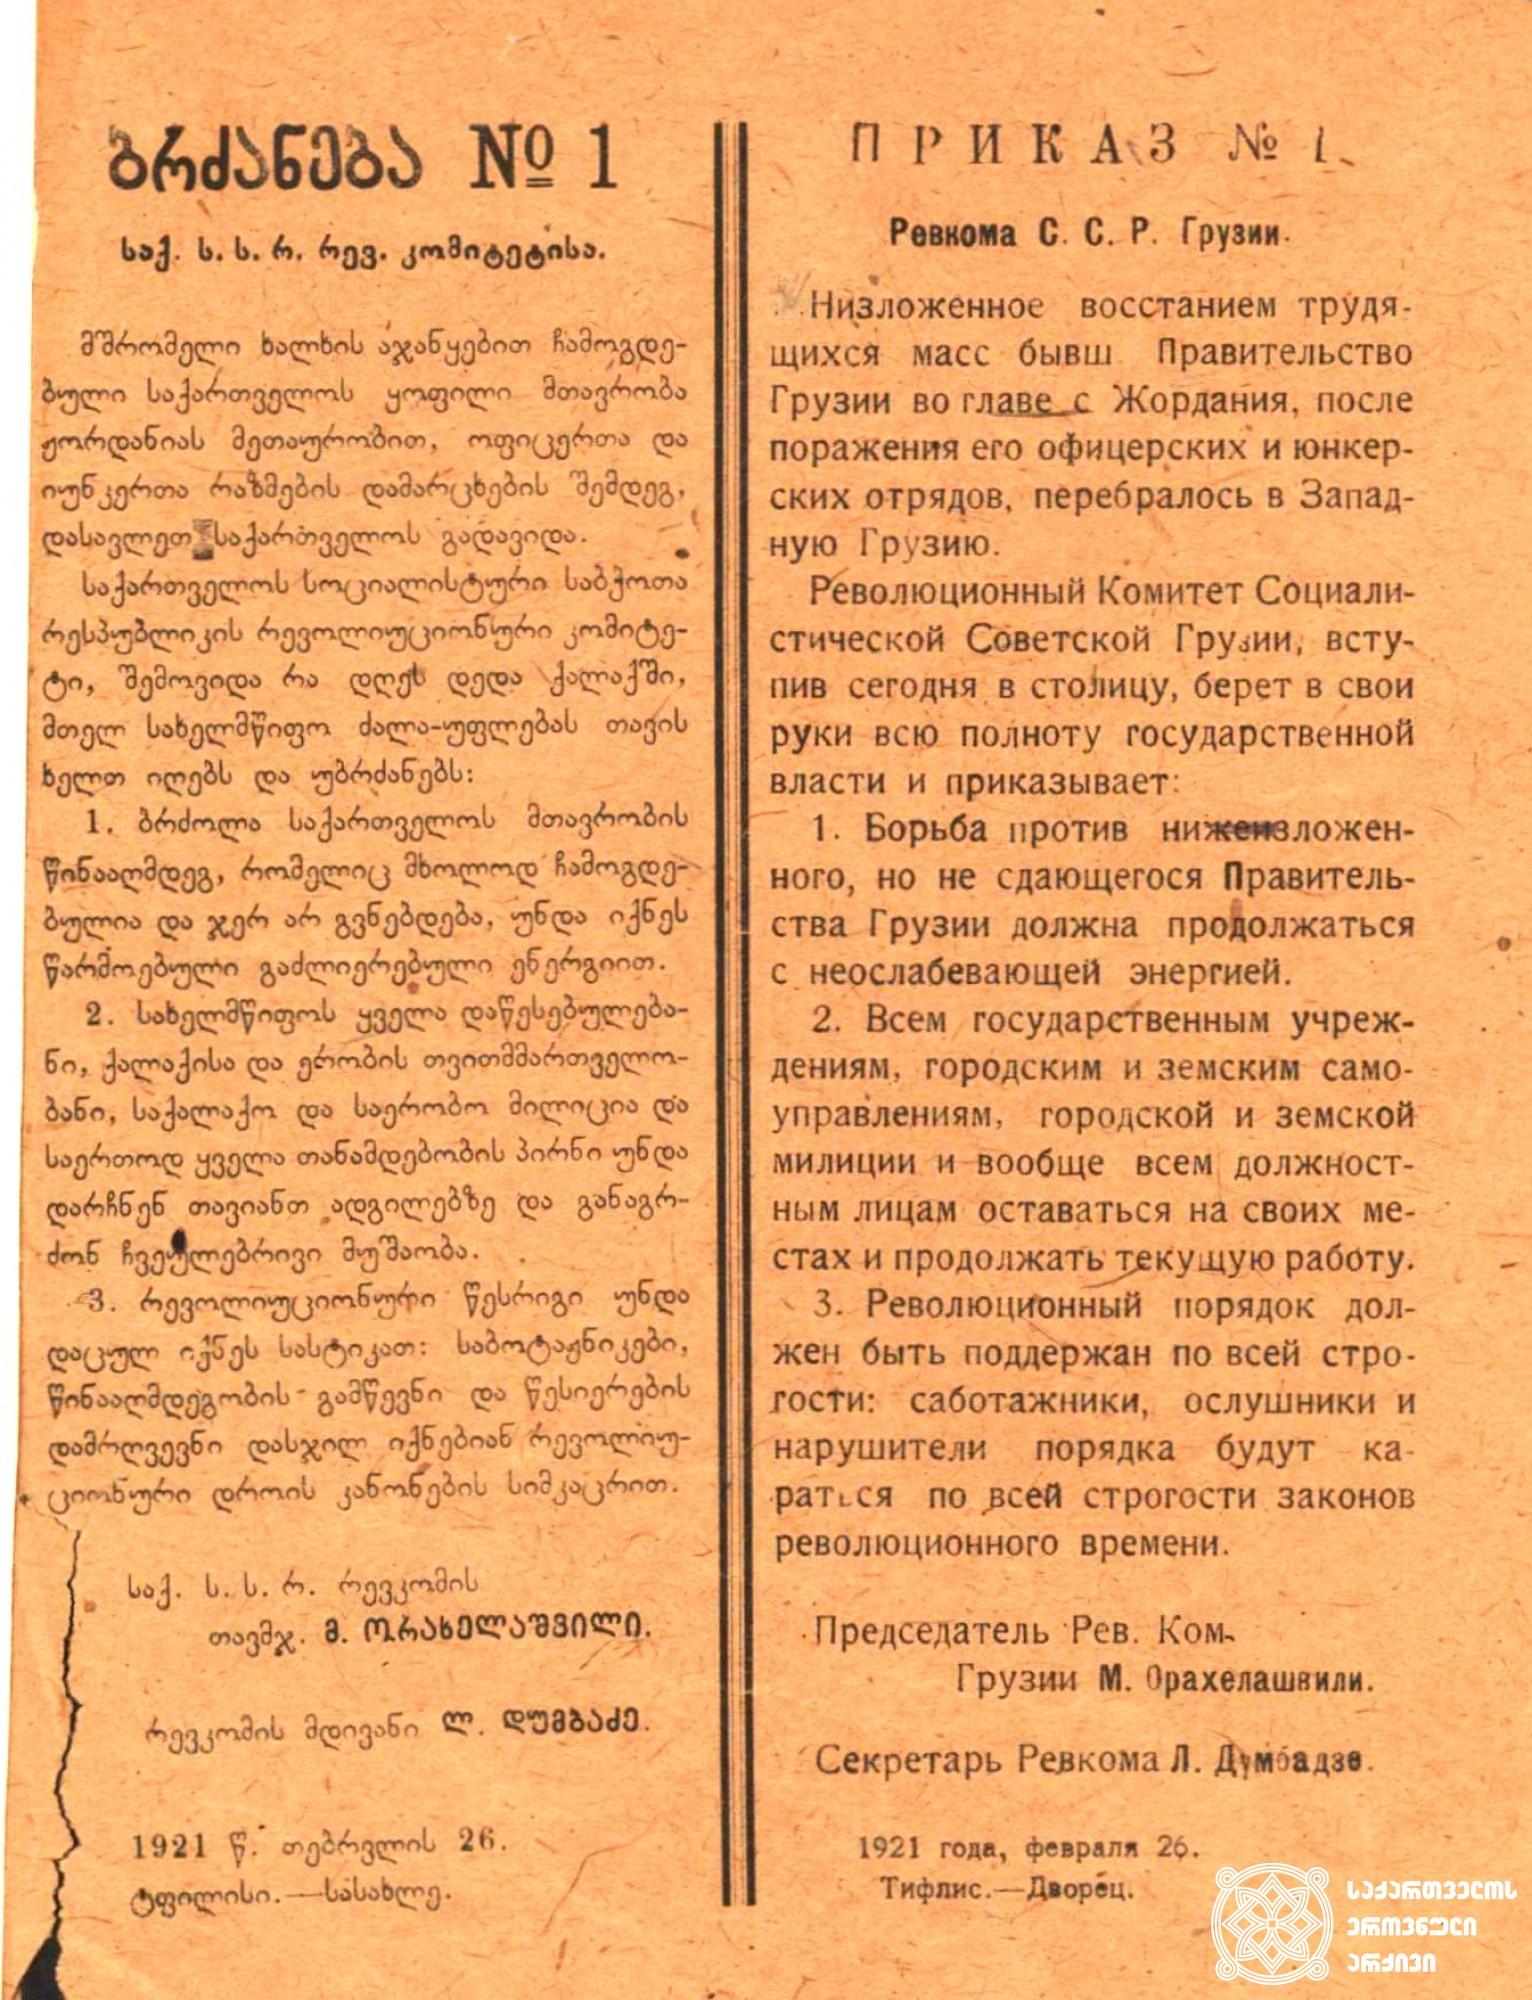 რუსული ჯარების მიერ თბილისის აღების შემდეგ საქართველოს რევოლუციური კომიტეტის ბრძანება N1. <br>  1921 წლის 26 თებერვალი. <br> The order of the Georgian Revolutionary Committee N1 issued after taking of Tbilisi by the Russian troops. <br> February 26, 1921.